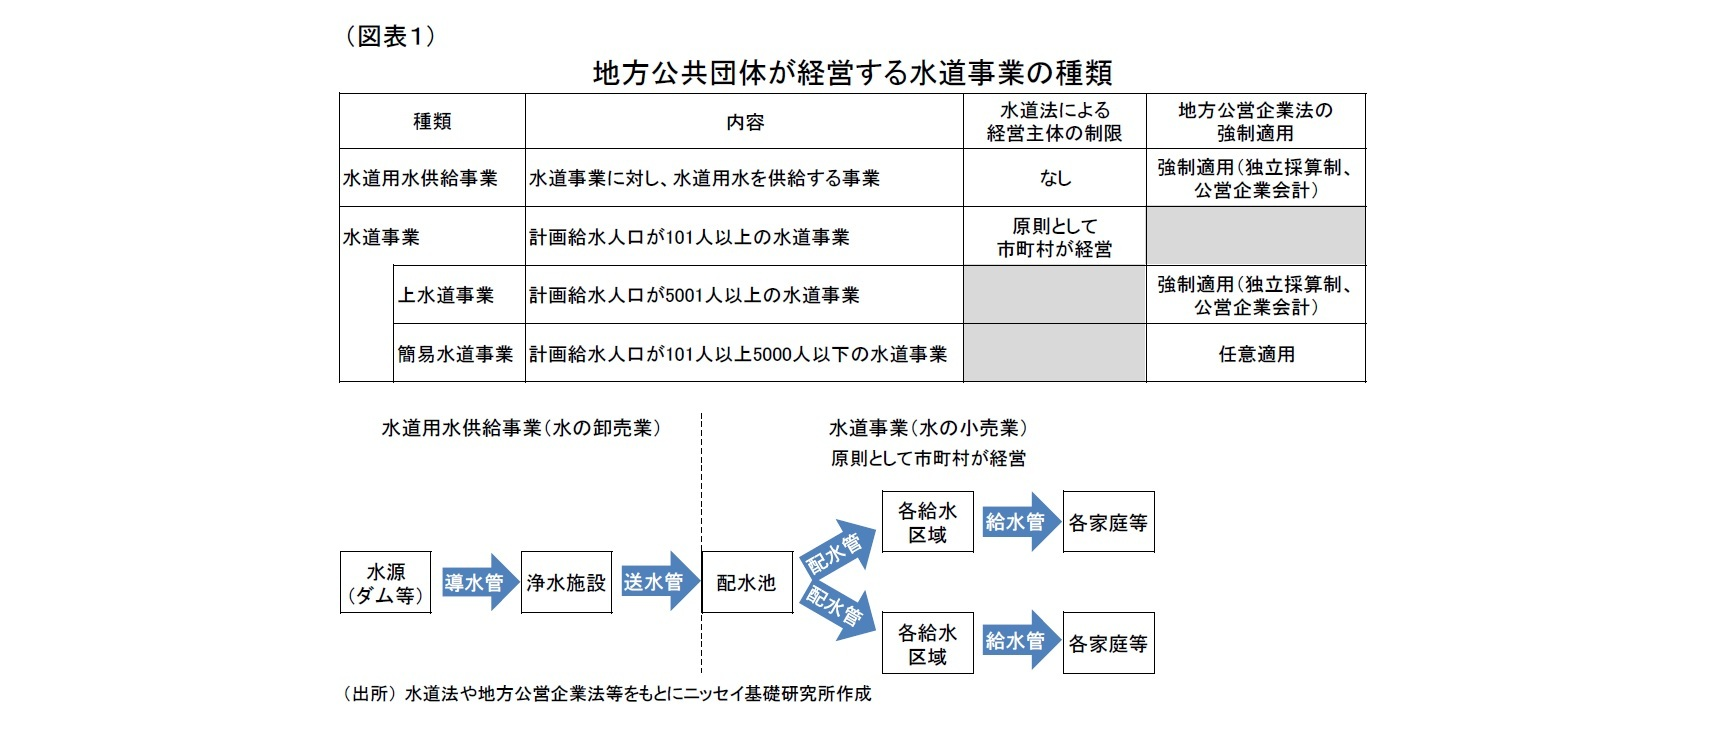 (図表1)地方公共団体が経営する水道事業の種類